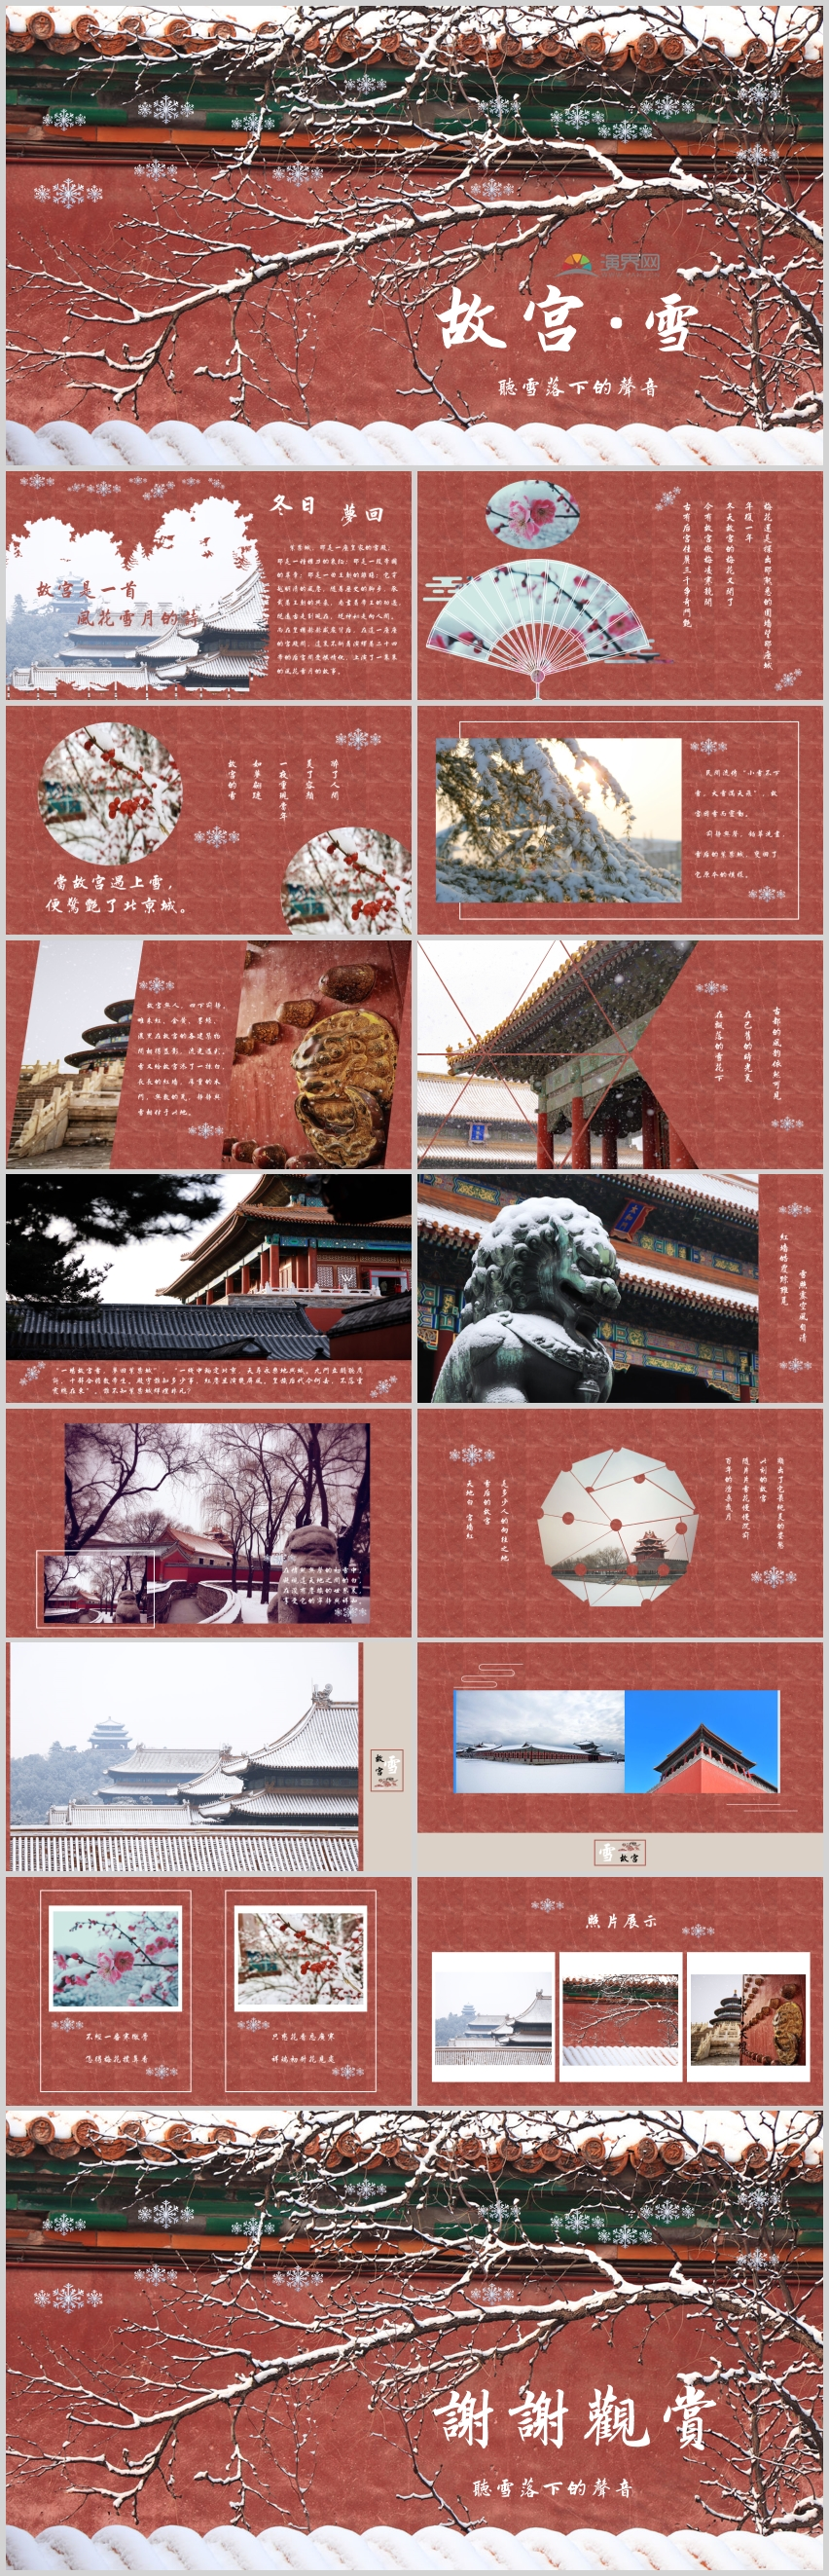 【故宫·雪】红色中国风故宫雪景PPT模板